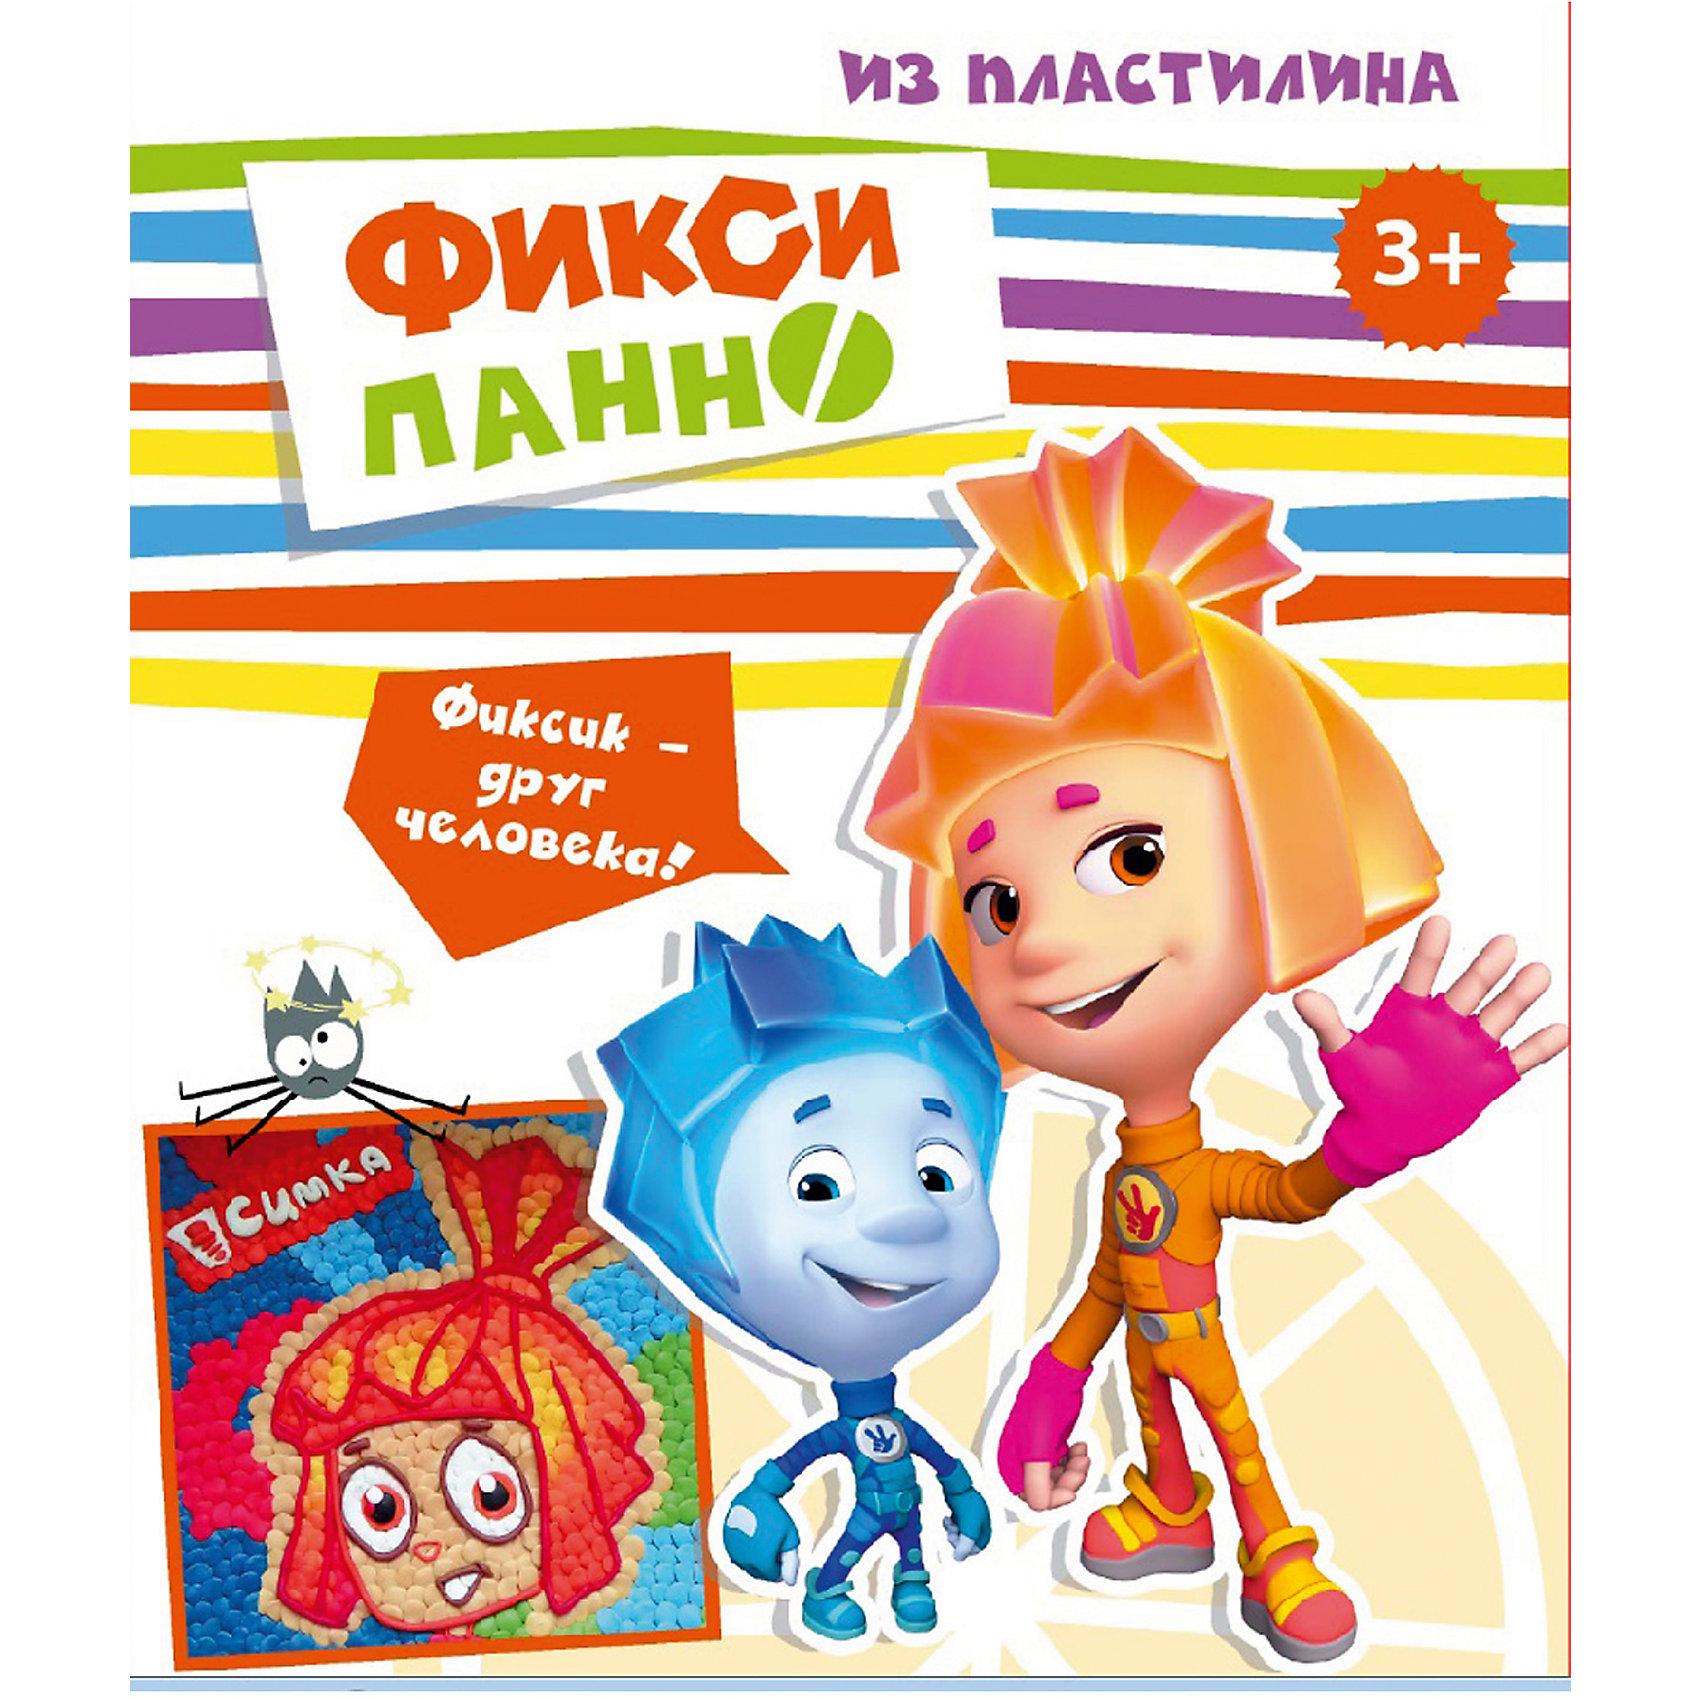 Панно из пластилина Симка, ФиксикиПопулярные игрушки<br>Панно из пластилина Симка, Фиксики, Centrum (Центрум)<br><br>Характеристики:<br><br>• яркая картинка из пластилина<br>• привлекательный дизайн с любимыми героями<br>• в комплекте: пластилин (10 цветов), стек, картинка<br>• размер: 5х22,5х18,5 см<br>• вес: 300 грамм <br><br>Пожалуй, каждый ребенок любит поделки из пластилина. Набор Симка откроет ребенку новые возможности для творчества. В комплект входит не только пластилин, но и картинка, которую можно украсить так, как подскажет фантазия. Делайте картинку тонкой или объемной - всё зависит только от вас. В набор входит стек, который поможет отрезать необходимое количество пластилина. Набор с изображением любимых героев - прекрасный вариант для полезного времяпровождения!<br><br>Панно из пластилина Симка, Фиксики, Centrum (Центрум) вы можете купить в нашем интернет-магазине.<br><br>Ширина мм: 50<br>Глубина мм: 185<br>Высота мм: 225<br>Вес г: 300<br>Возраст от месяцев: 36<br>Возраст до месяцев: 120<br>Пол: Унисекс<br>Возраст: Детский<br>SKU: 5175359